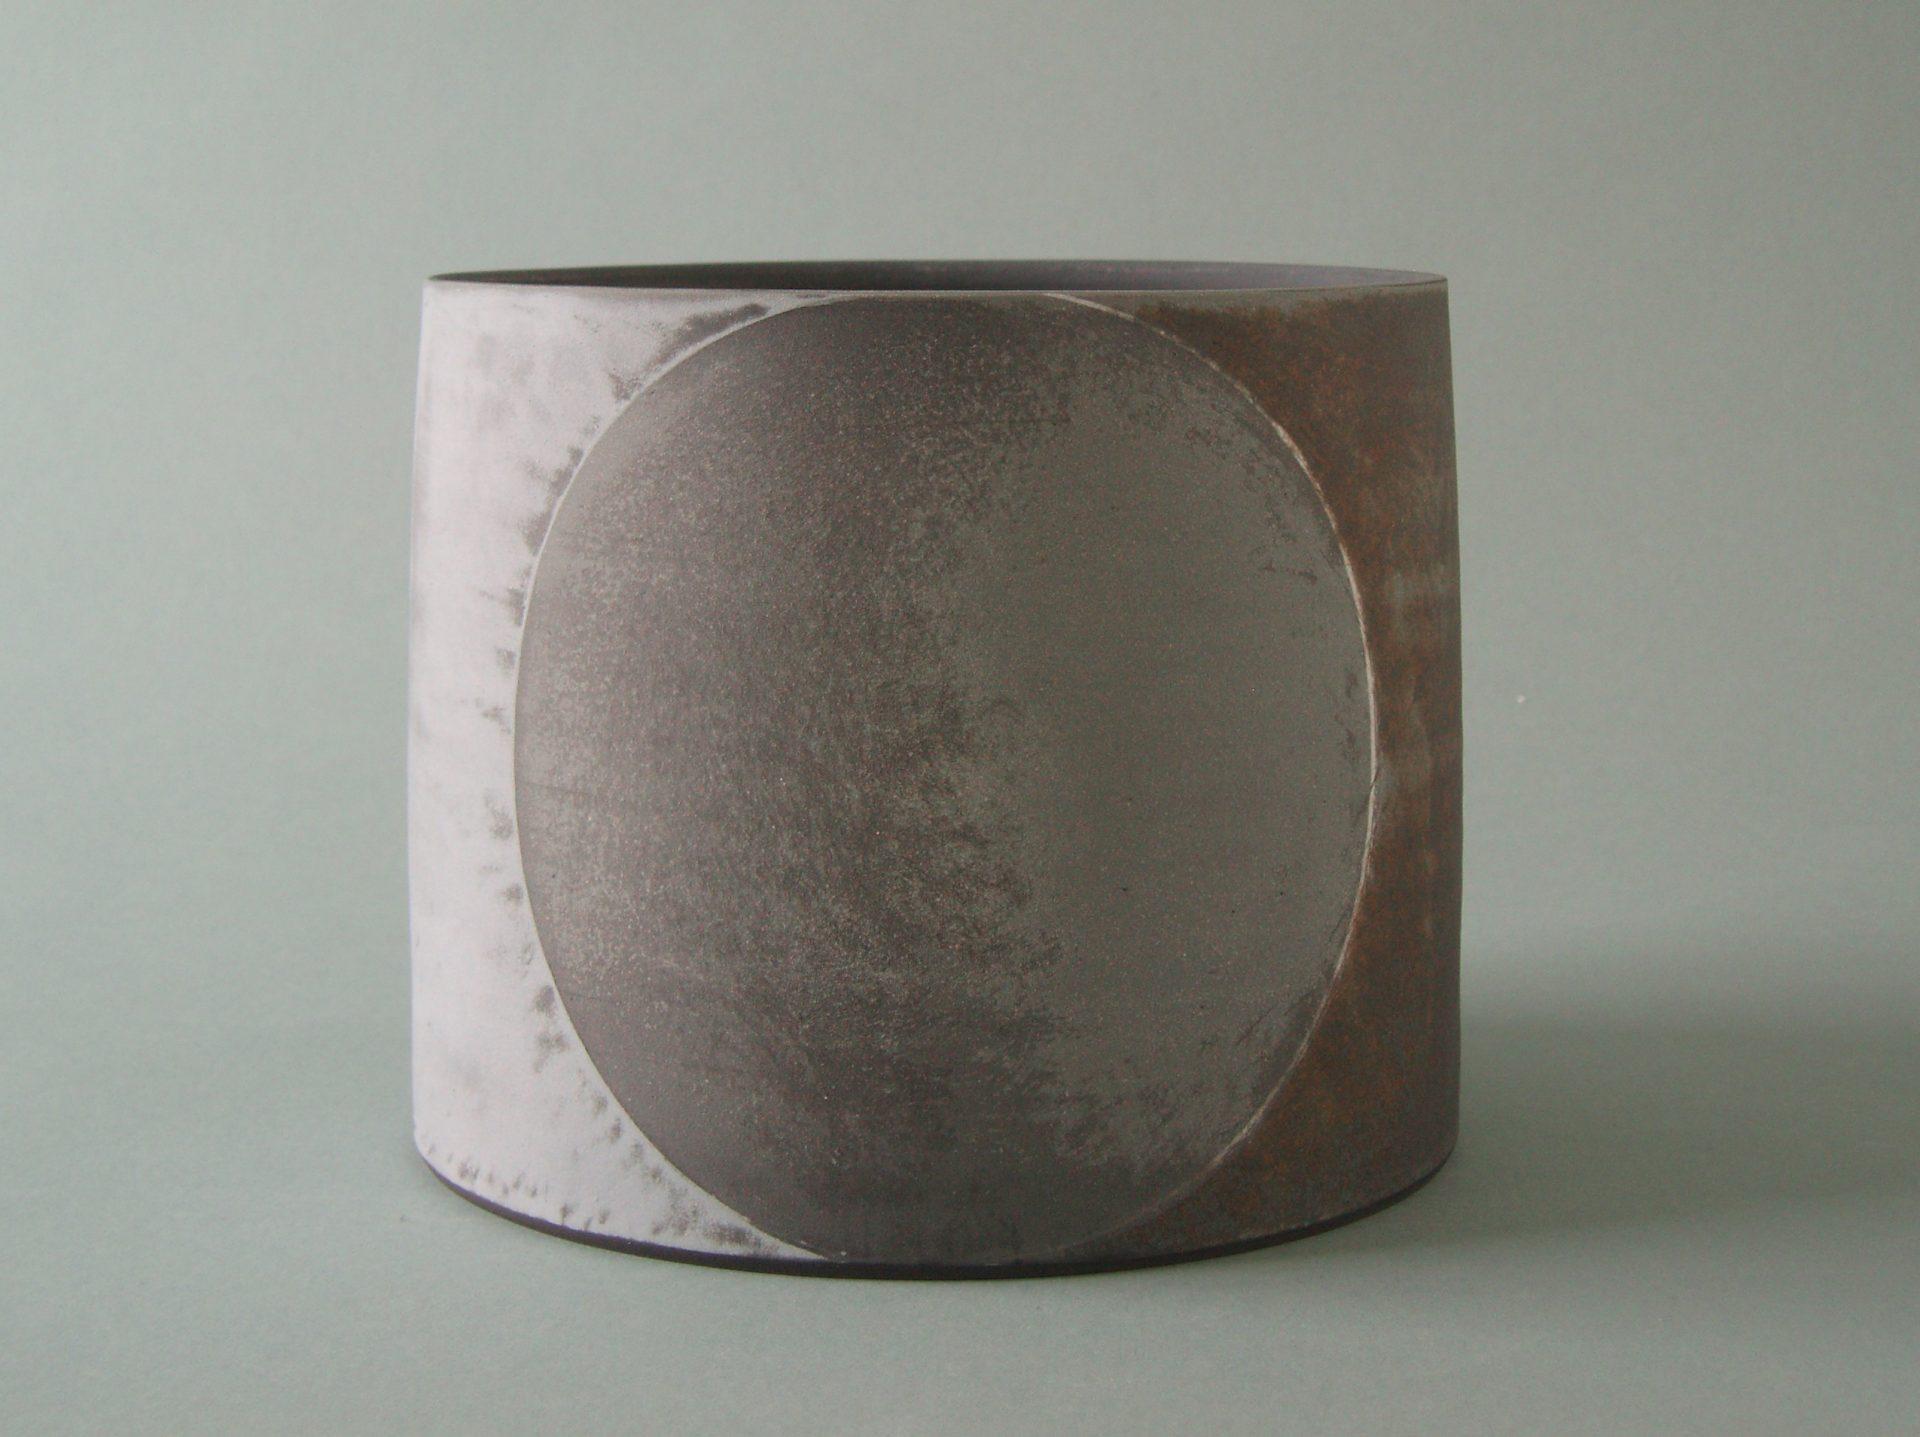 81-ball-h11.5cm-mar13-£295